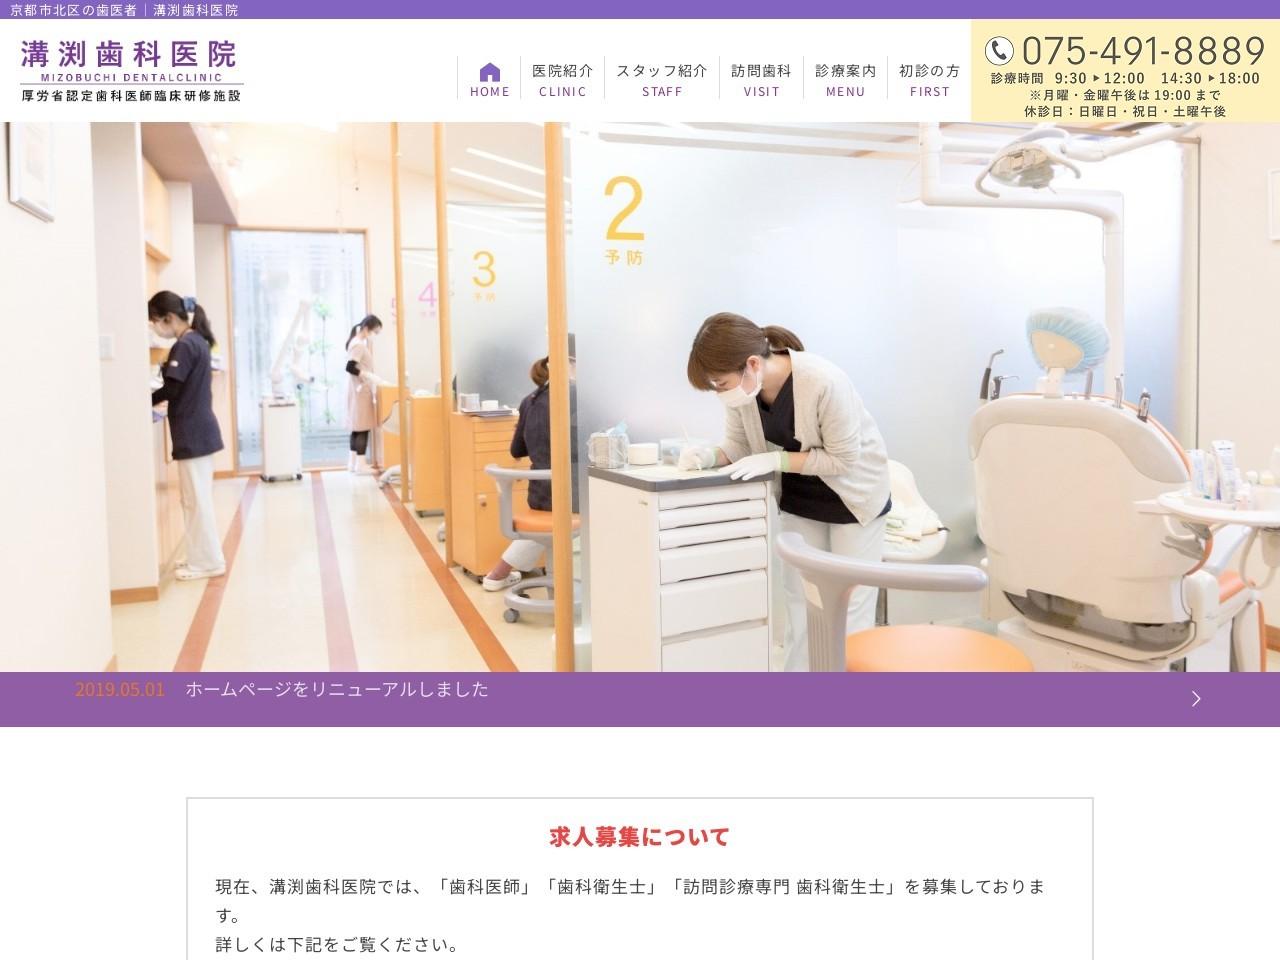 溝渕歯科医院 (京都府京都市北区)